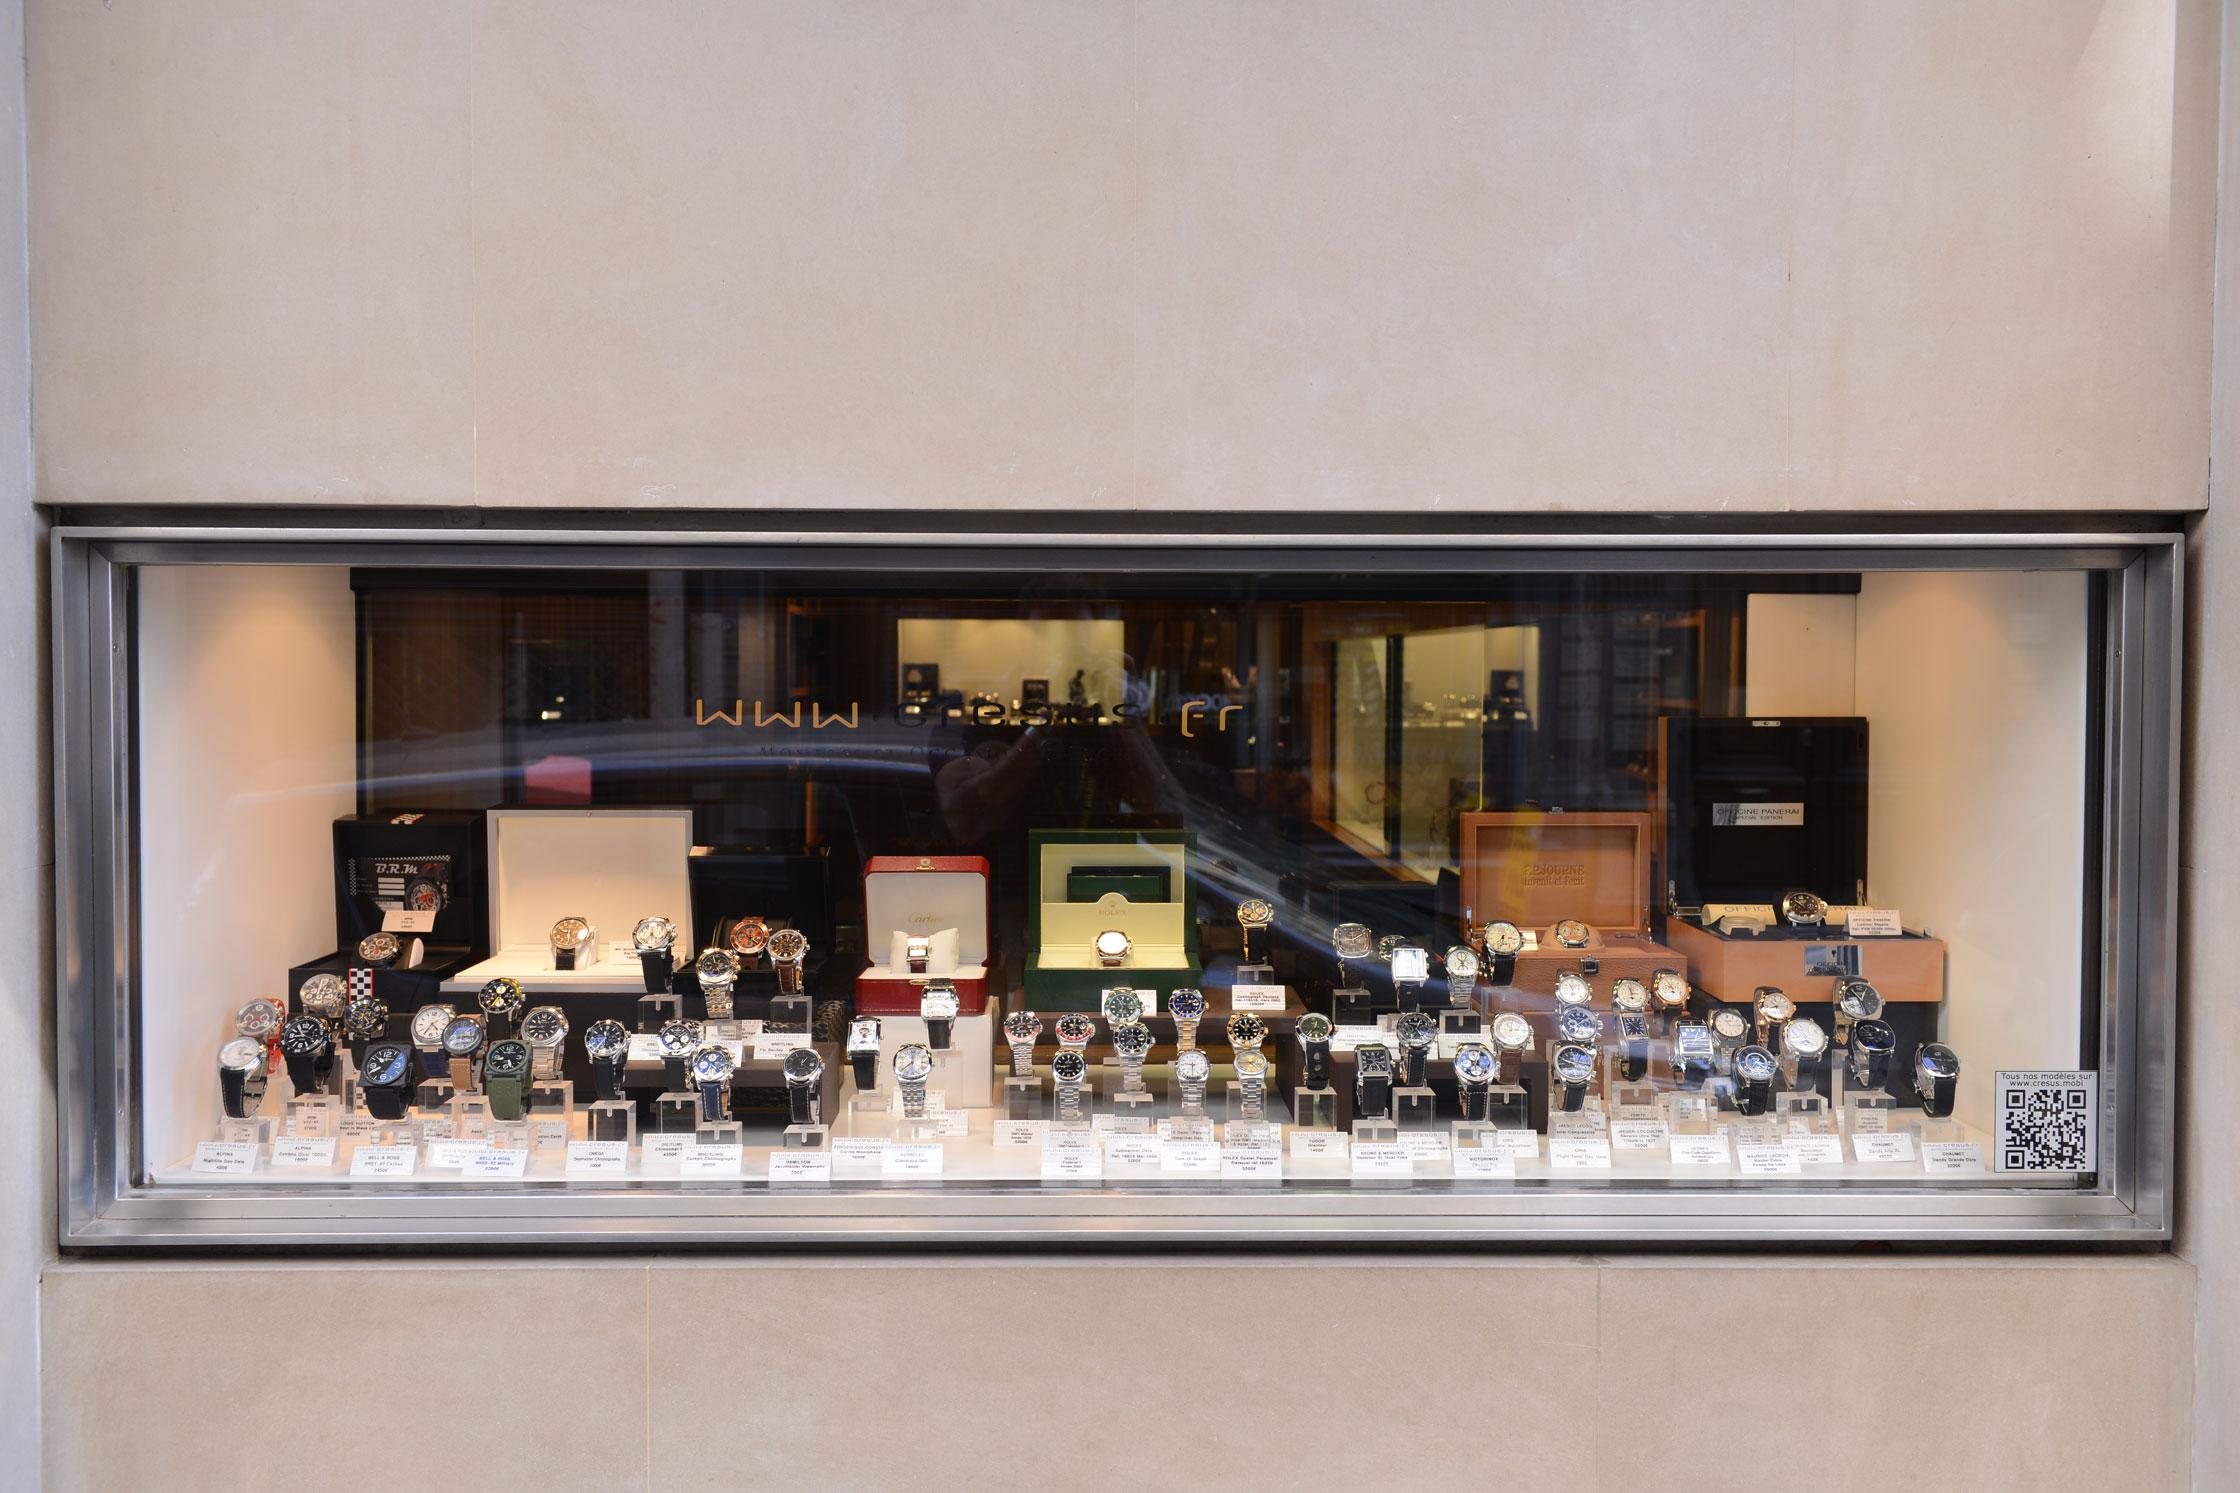 montre de luxe lyon boutique cresus lyon magasin bijoux lyon. Black Bedroom Furniture Sets. Home Design Ideas